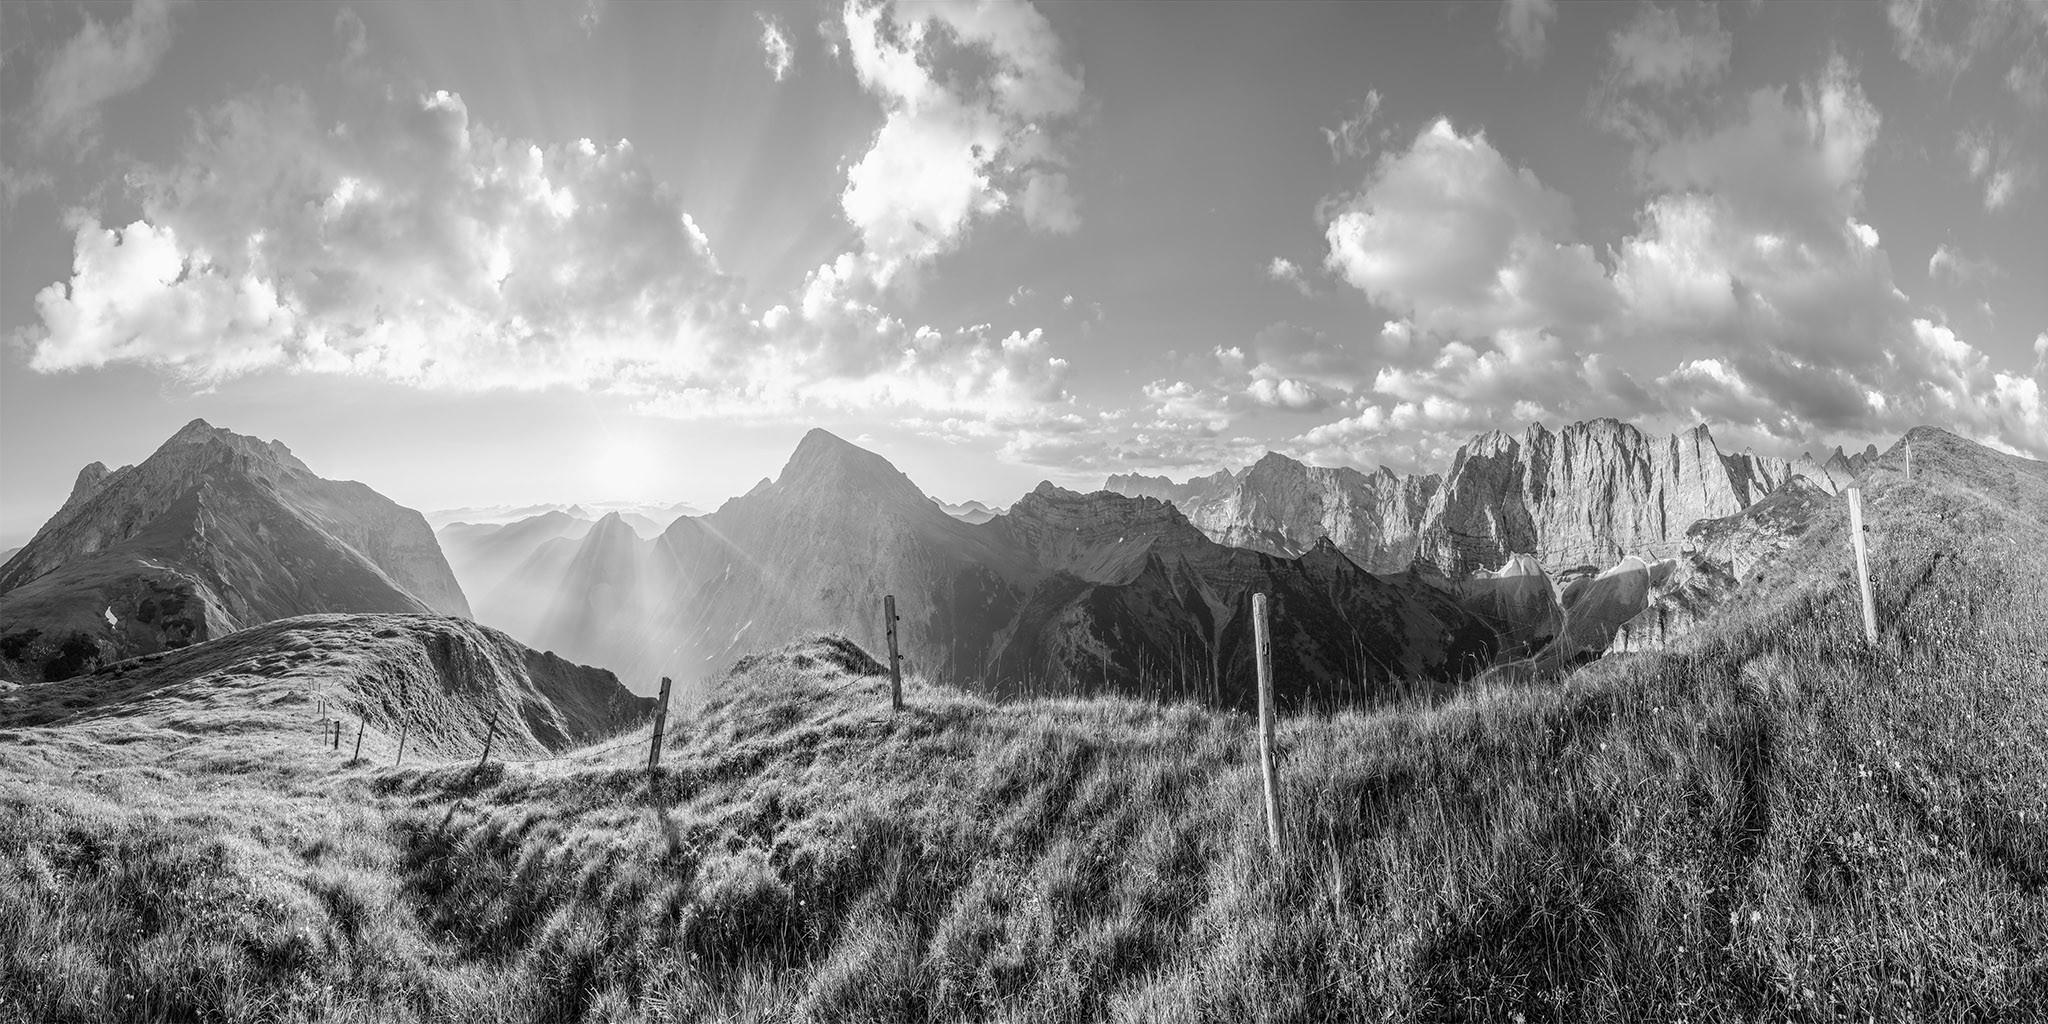 Laliderer Wand Sonnenaufgang schwarz weiß im Karwendelgebirge.